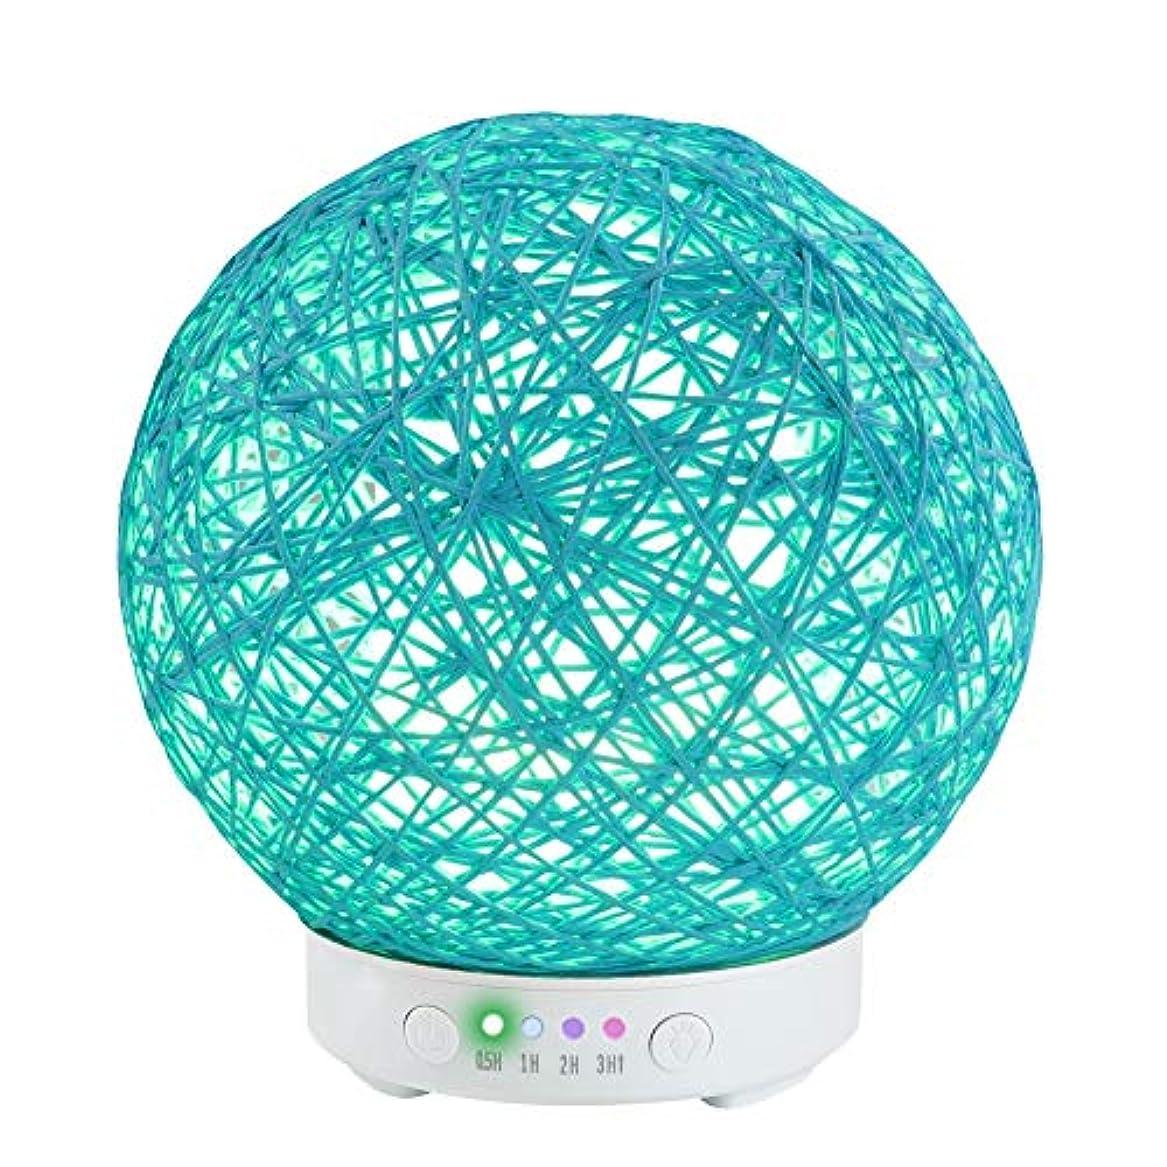 コート歩くインゲンクリエイティブ麻アロマテラピーマシン、アロマオイルディフューザー、アロマエッセンシャルオイルディフューザー、ウォーターレスオートオフ7色LEDライト付き,Blue